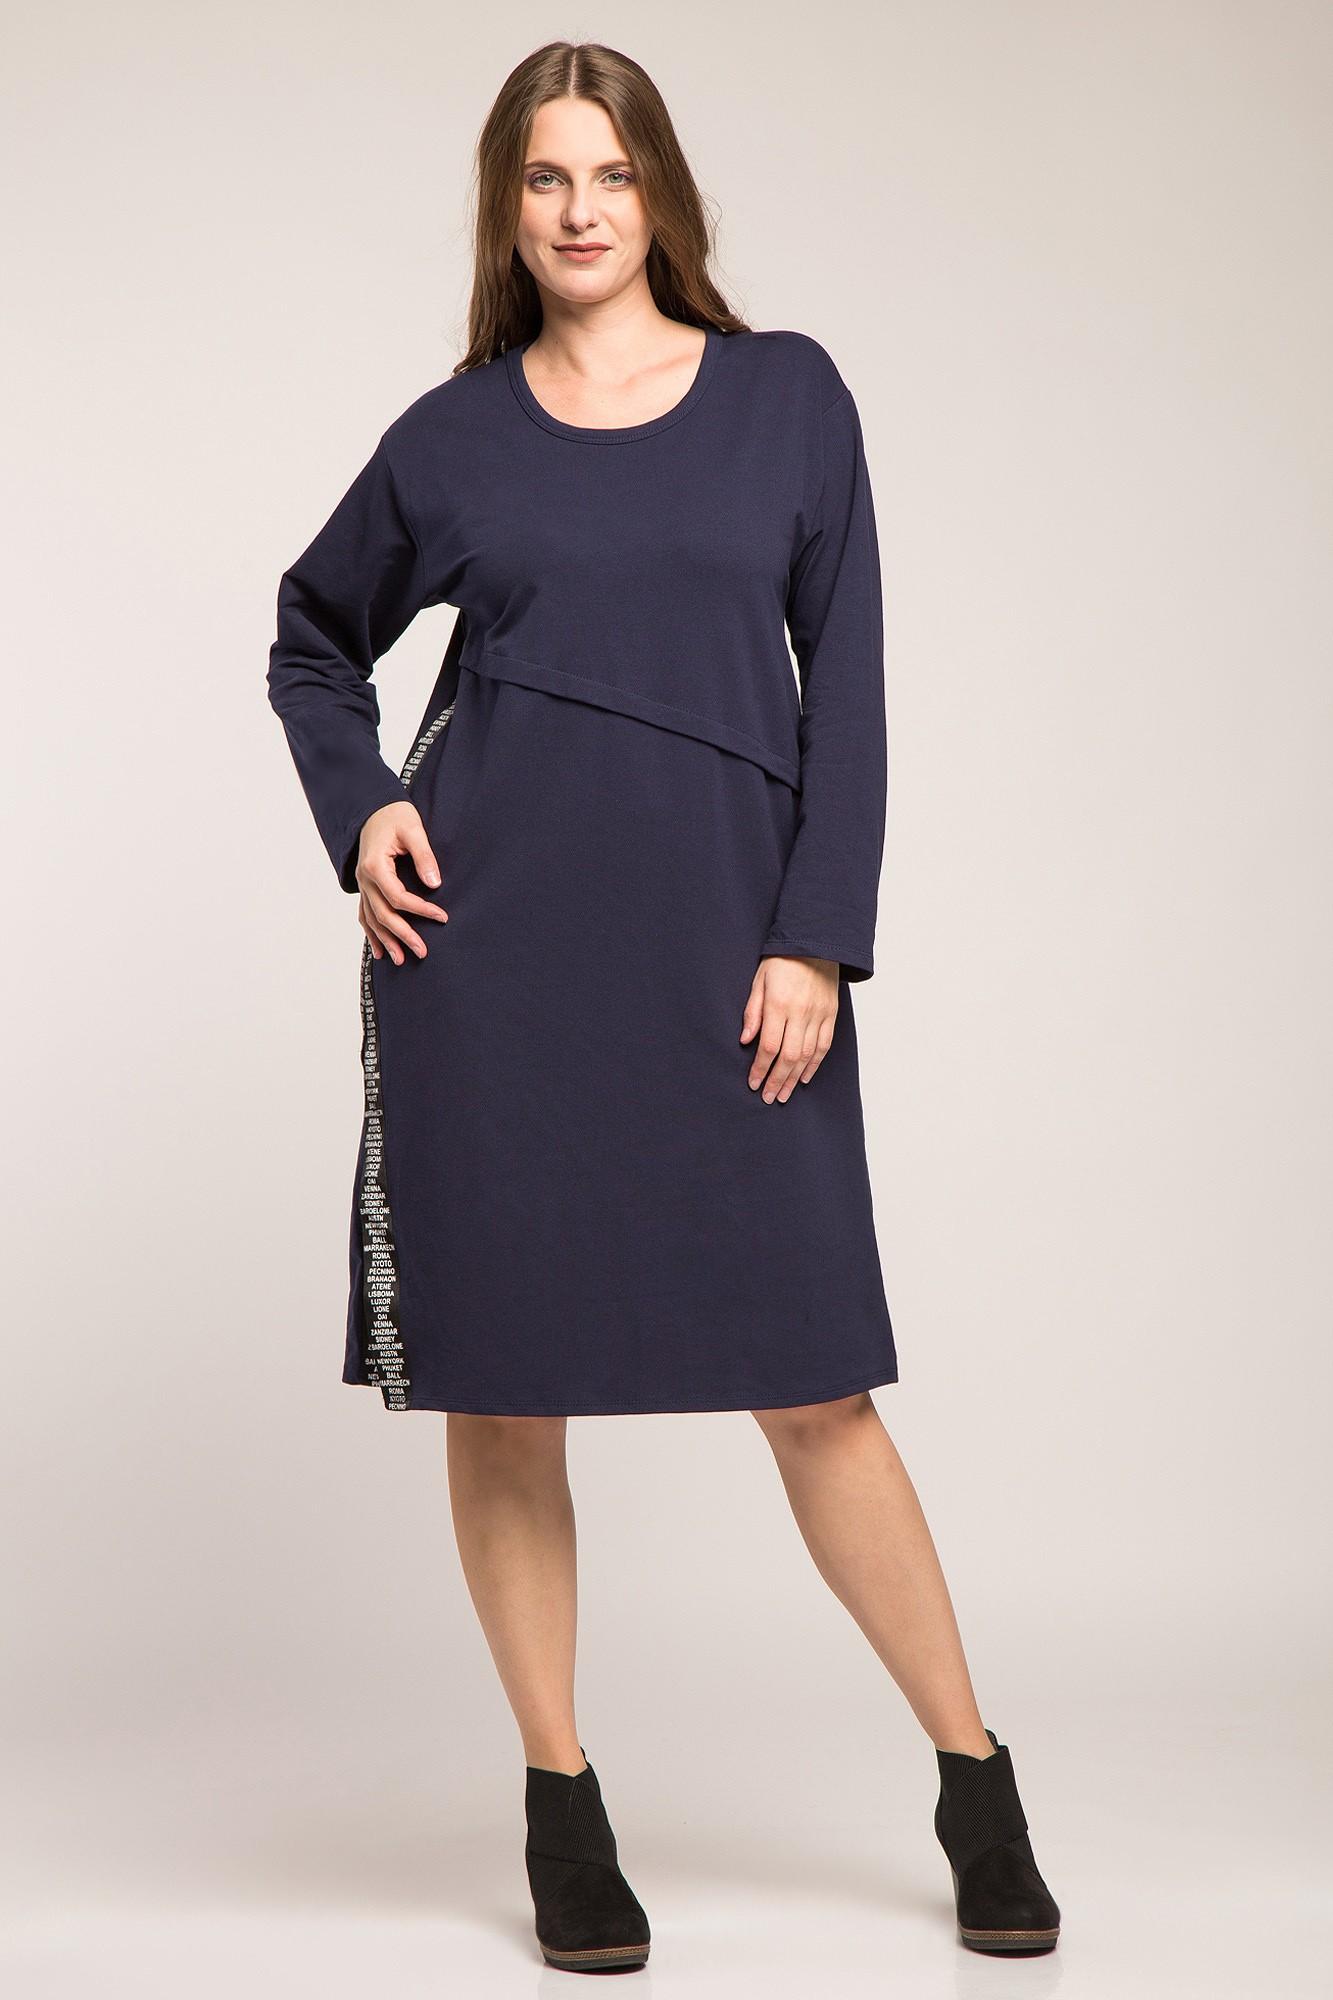 Rochie bleumarin cu slit cu panglica neagra imprimata